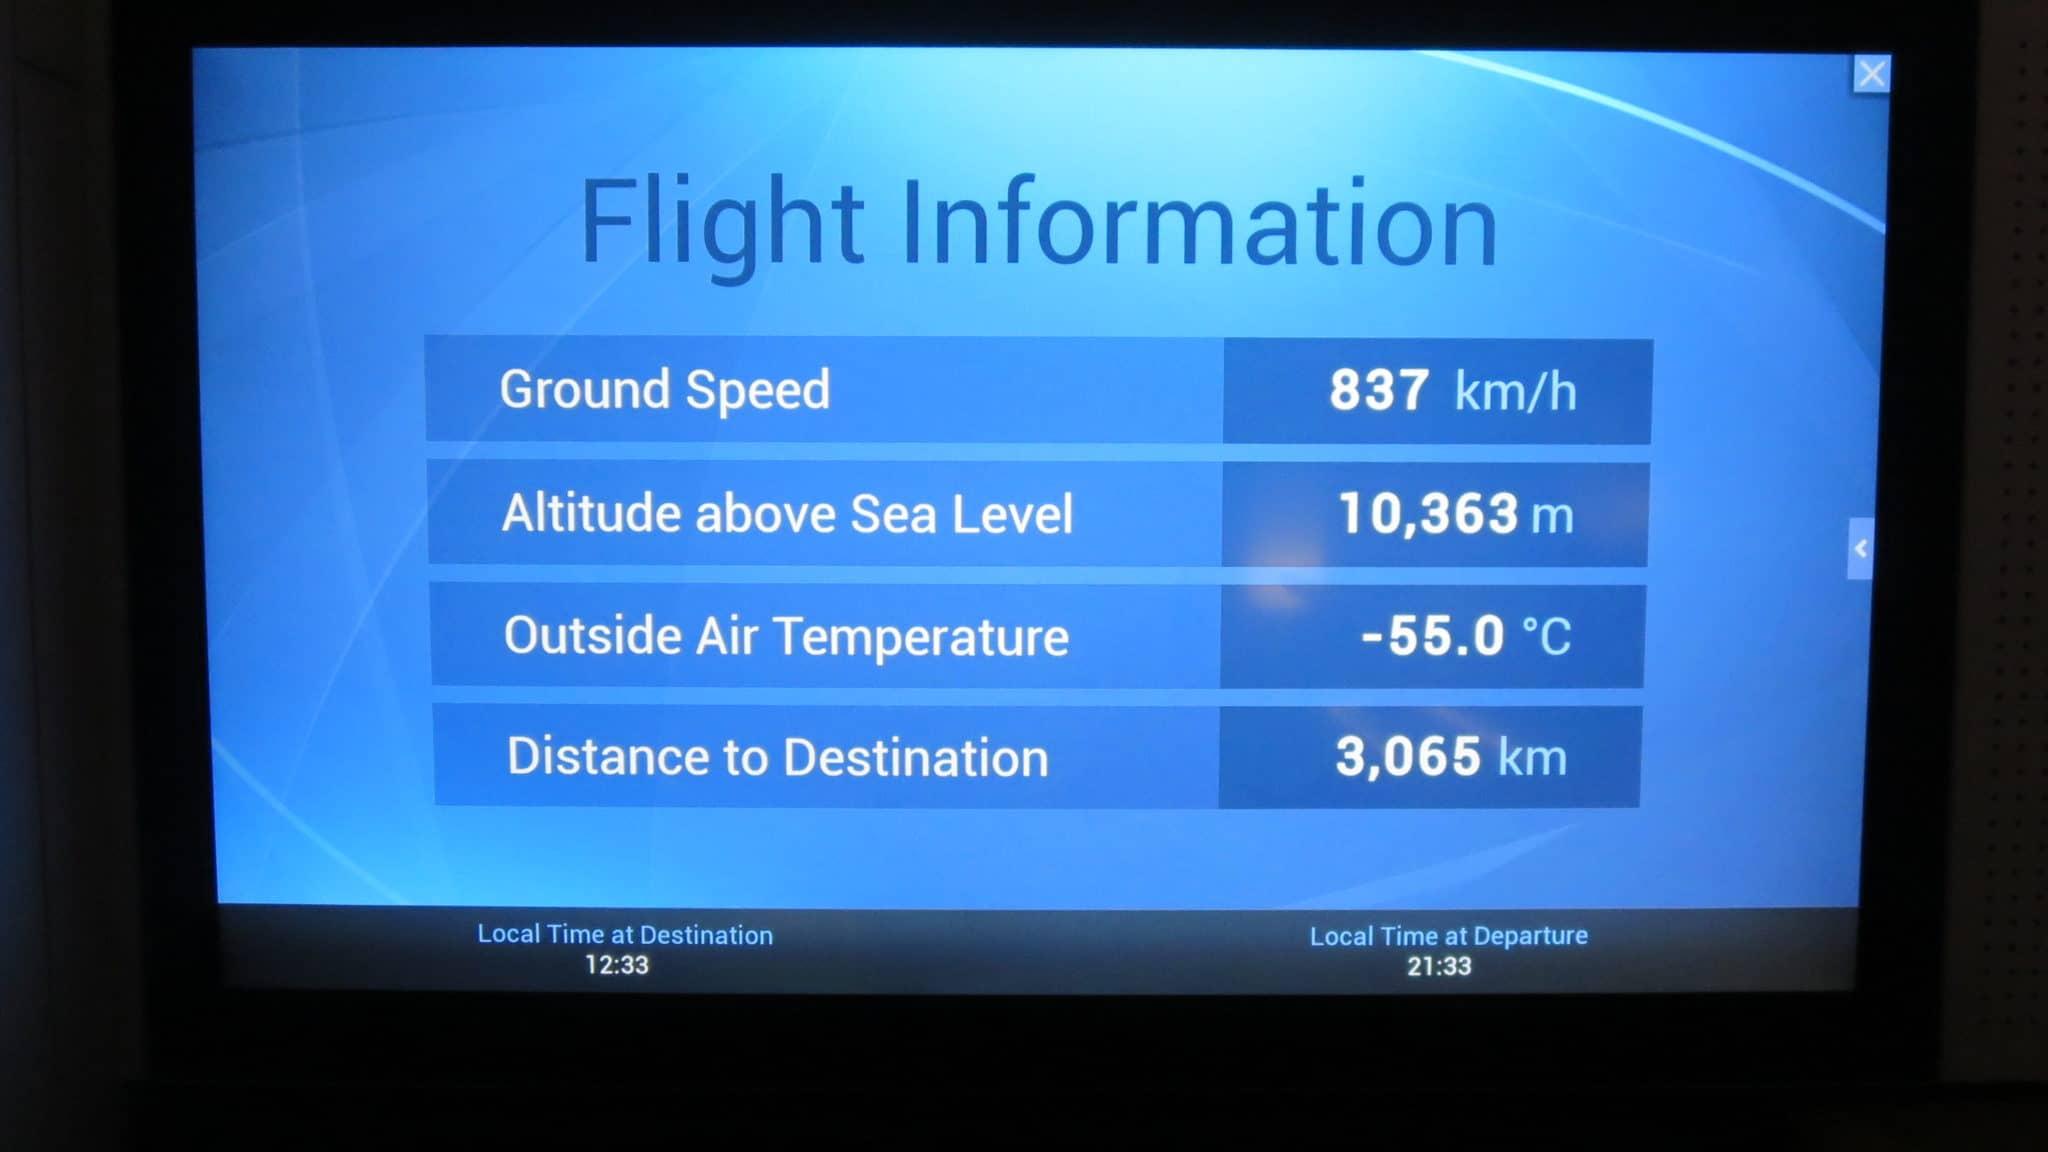 Swiss First Class Boeing 777-300ER Flightshow